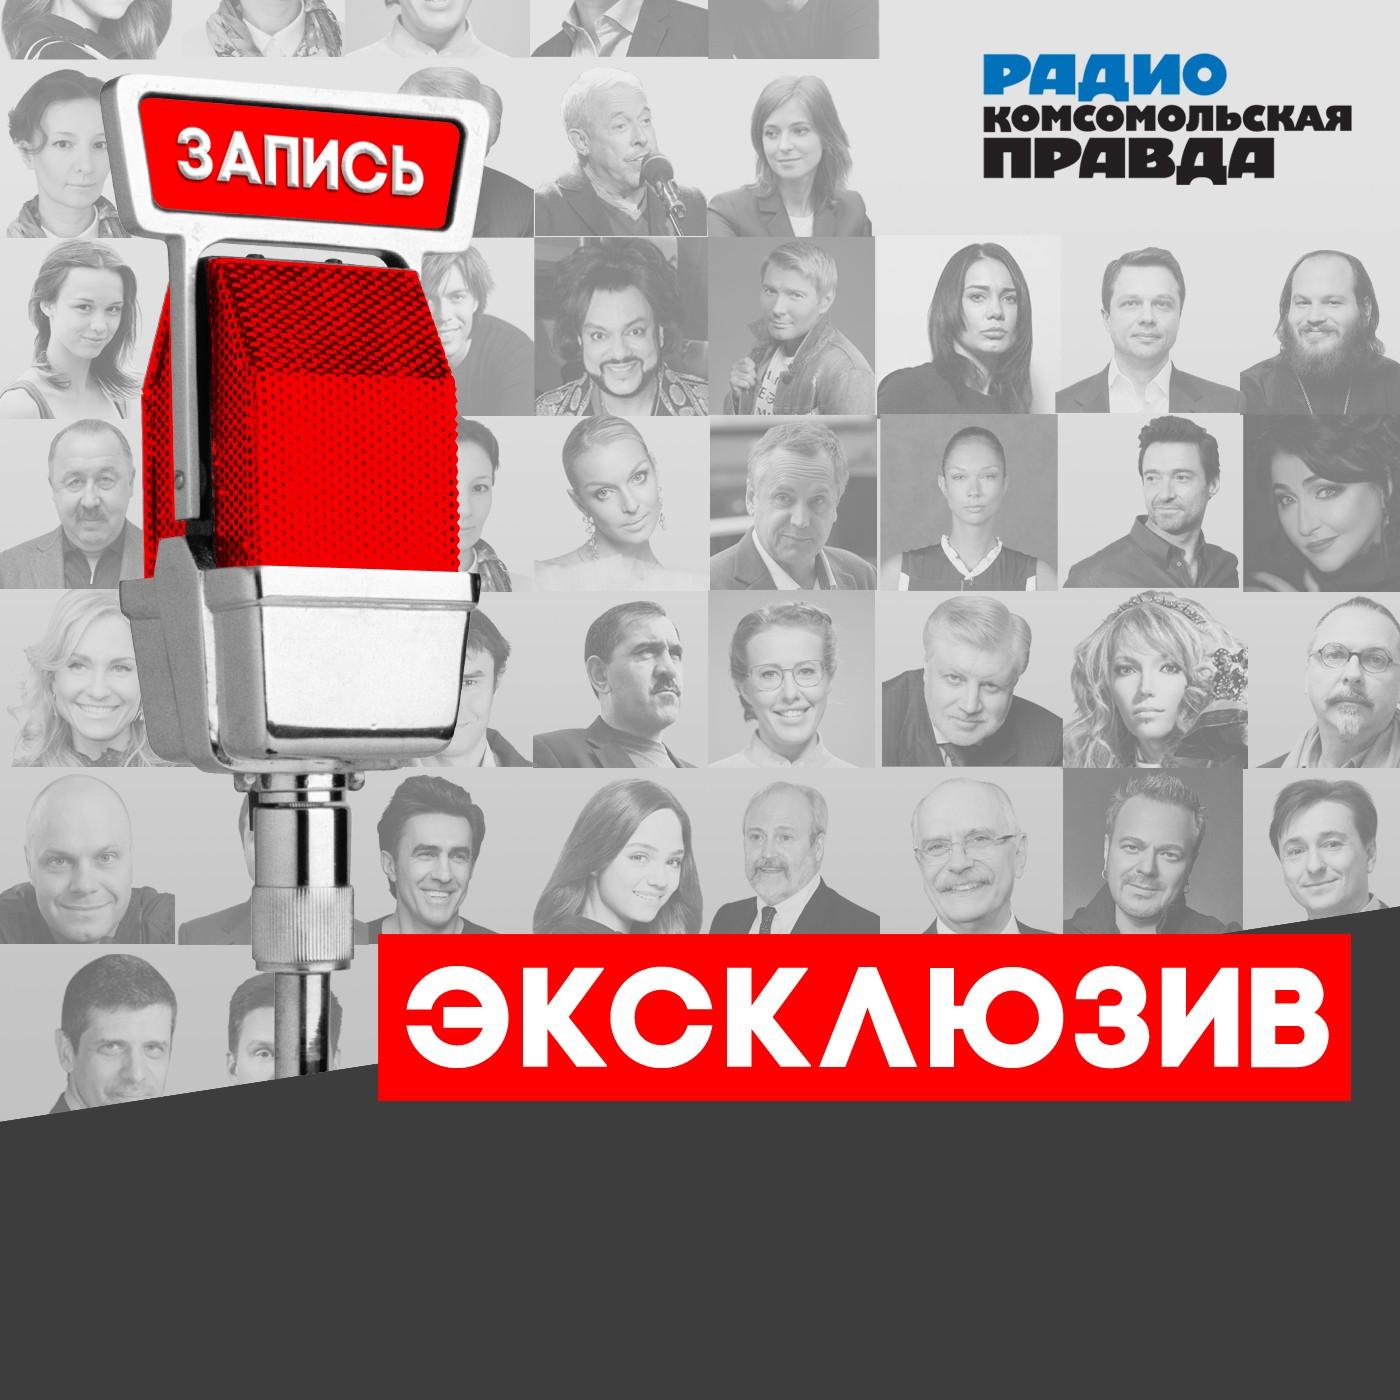 Гарик Сукачёв: Я - самый лучший пример для моих детей